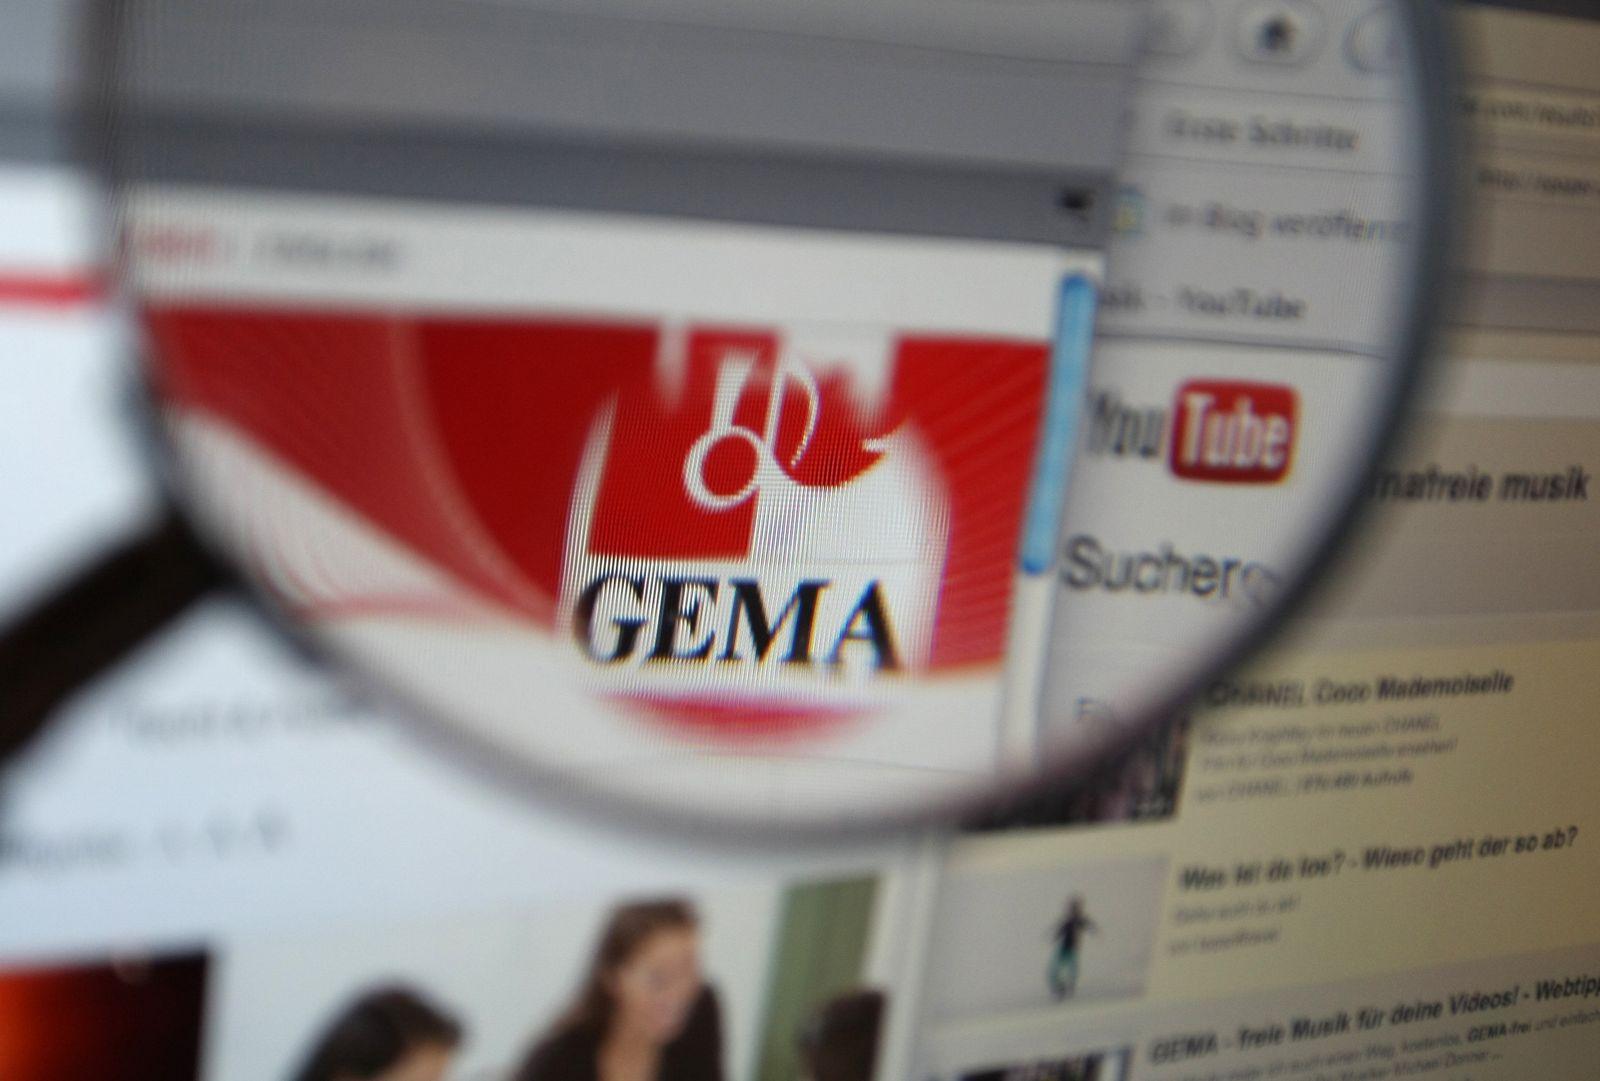 Gema - YouTube